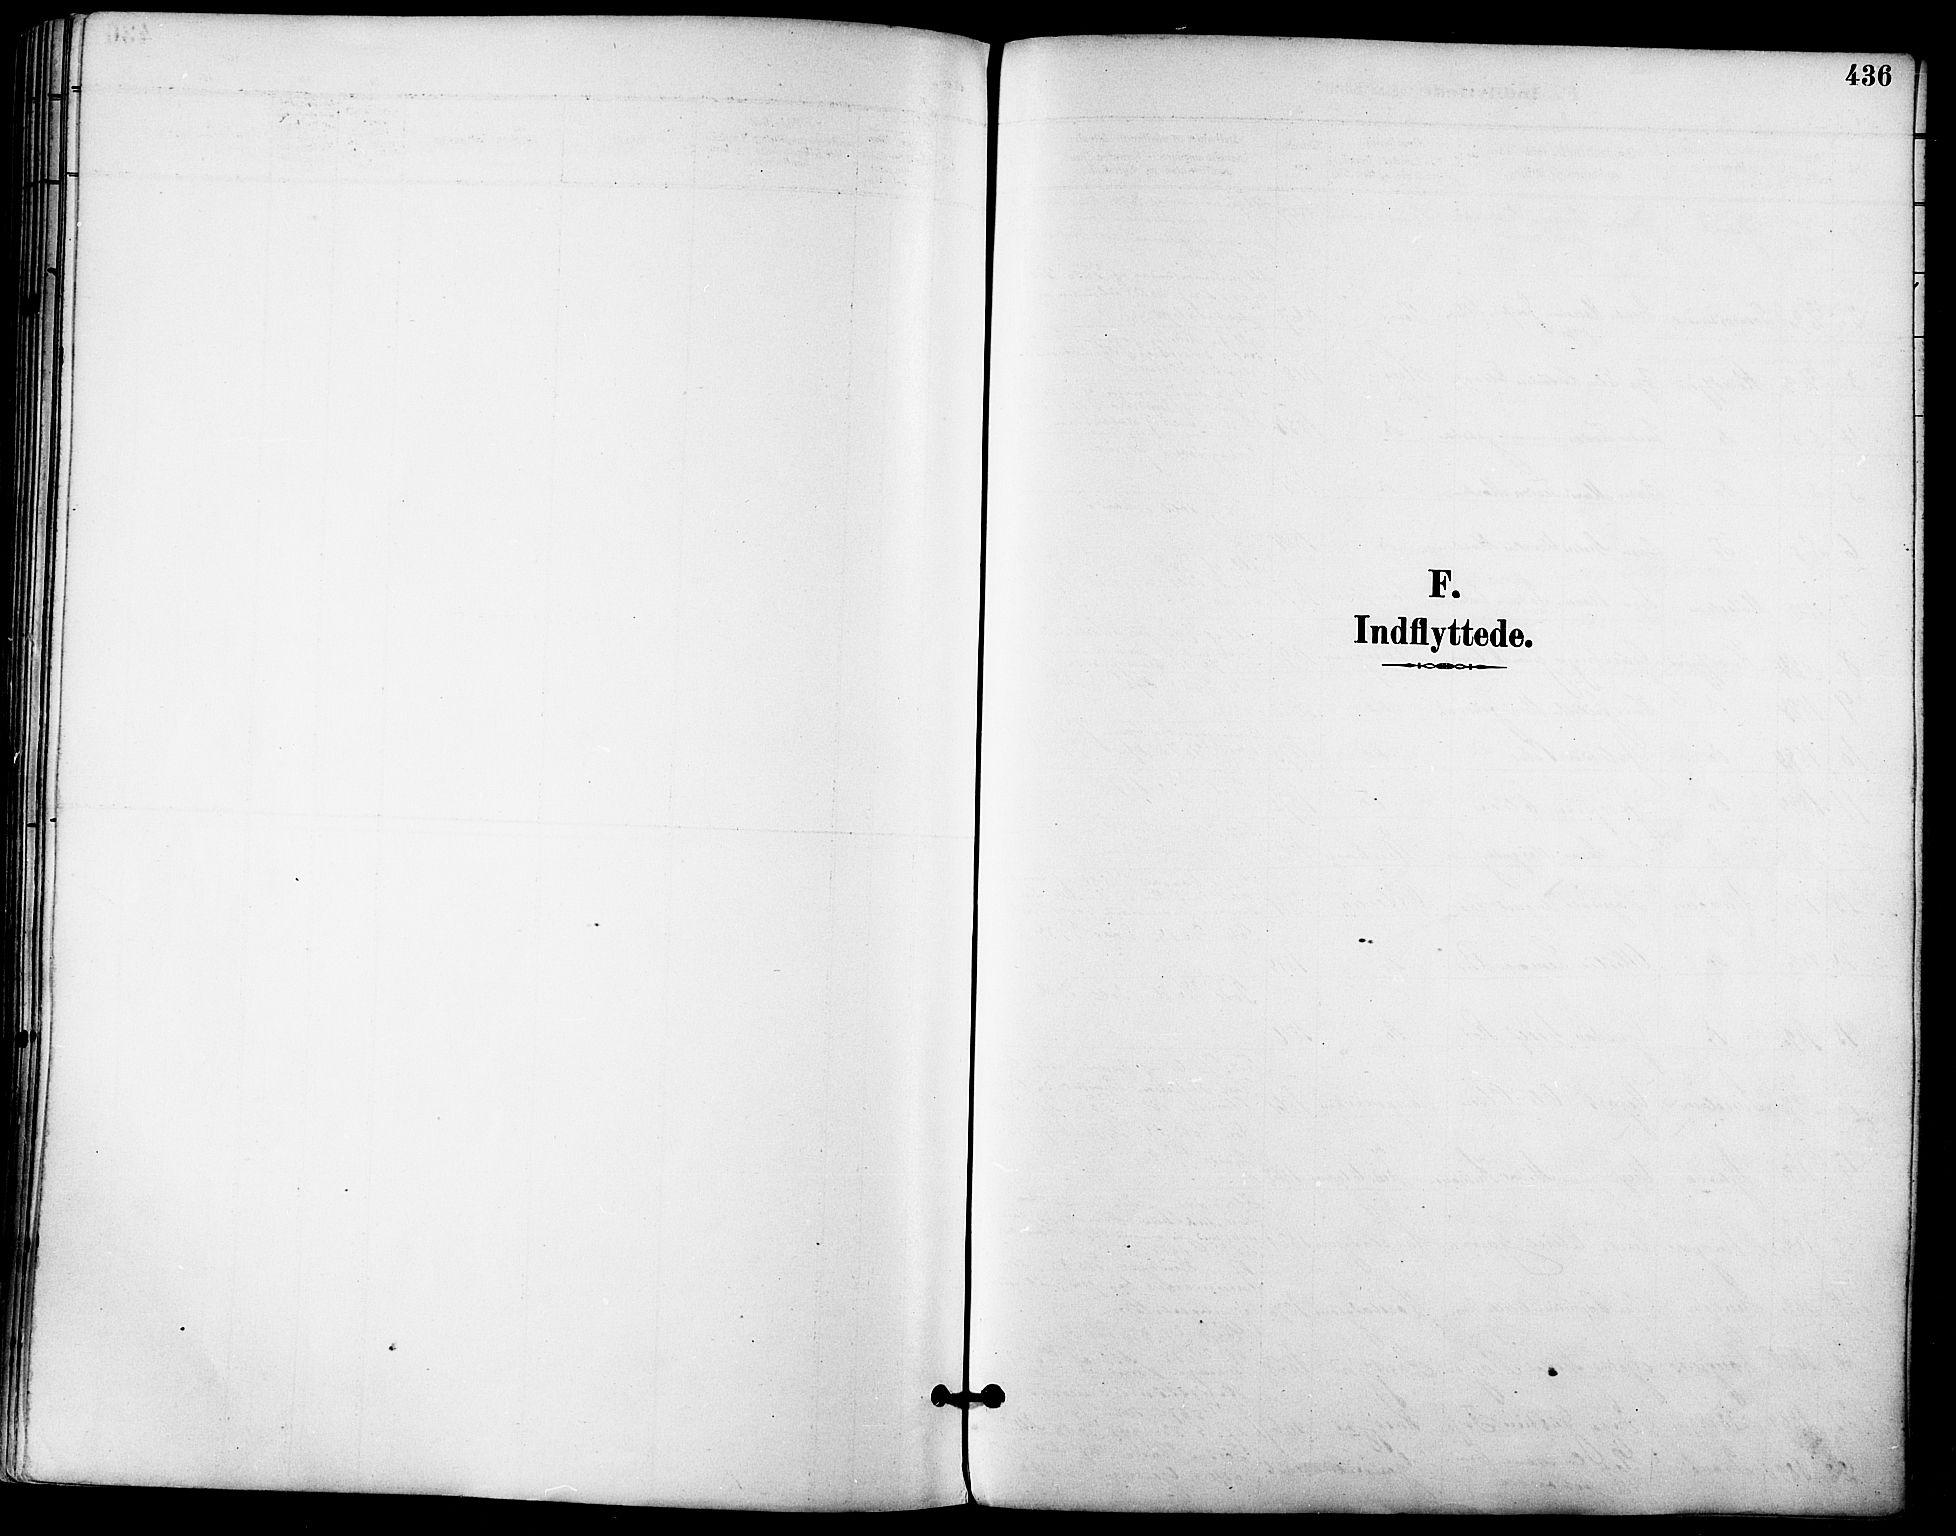 SATØ, Trondenes sokneprestkontor, H/Ha/L0016kirke: Ministerialbok nr. 16, 1890-1898, s. 436